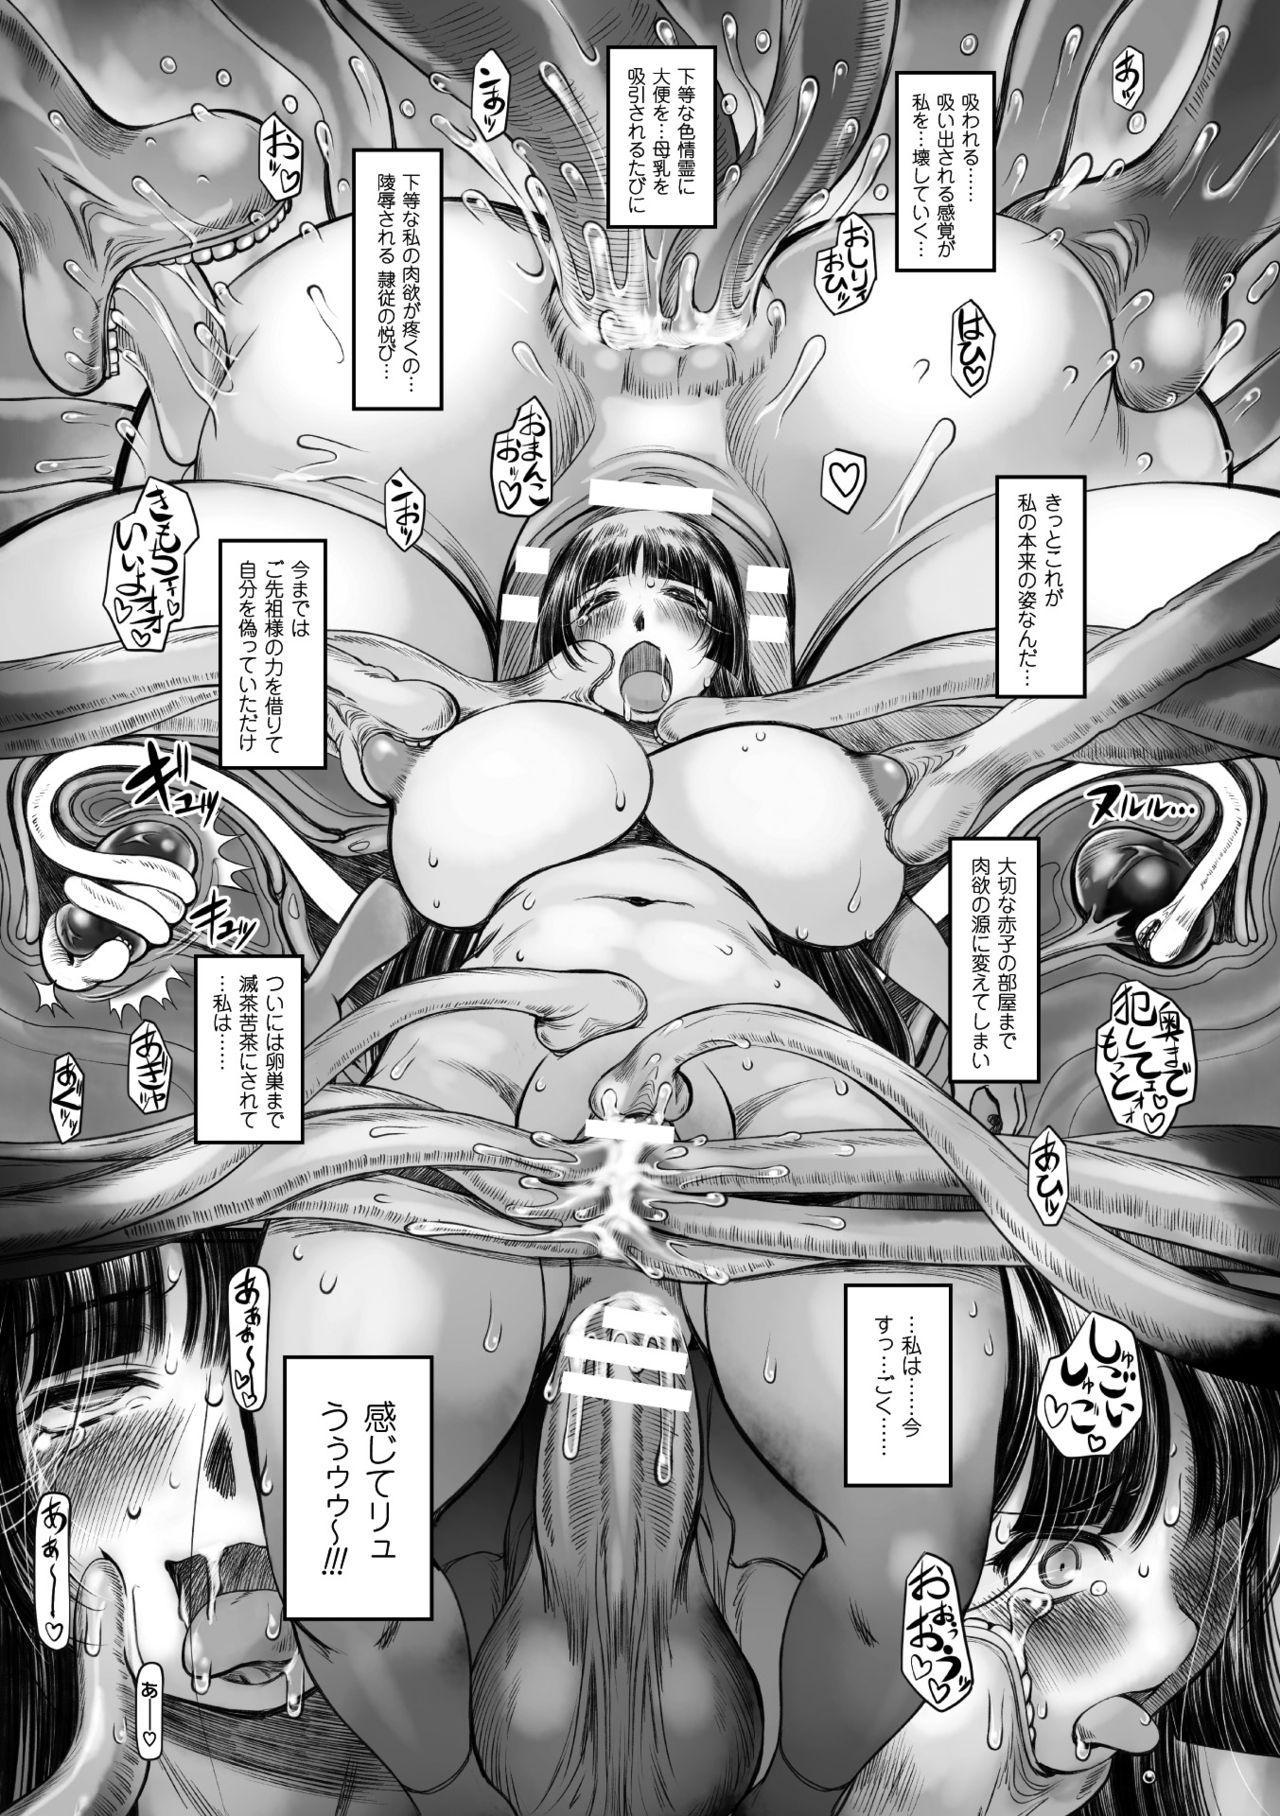 2D Comic Magazine Energy Kyuushuu Sarete Haiboku Shite Shimau Heroine-tachi Vol. 4 43